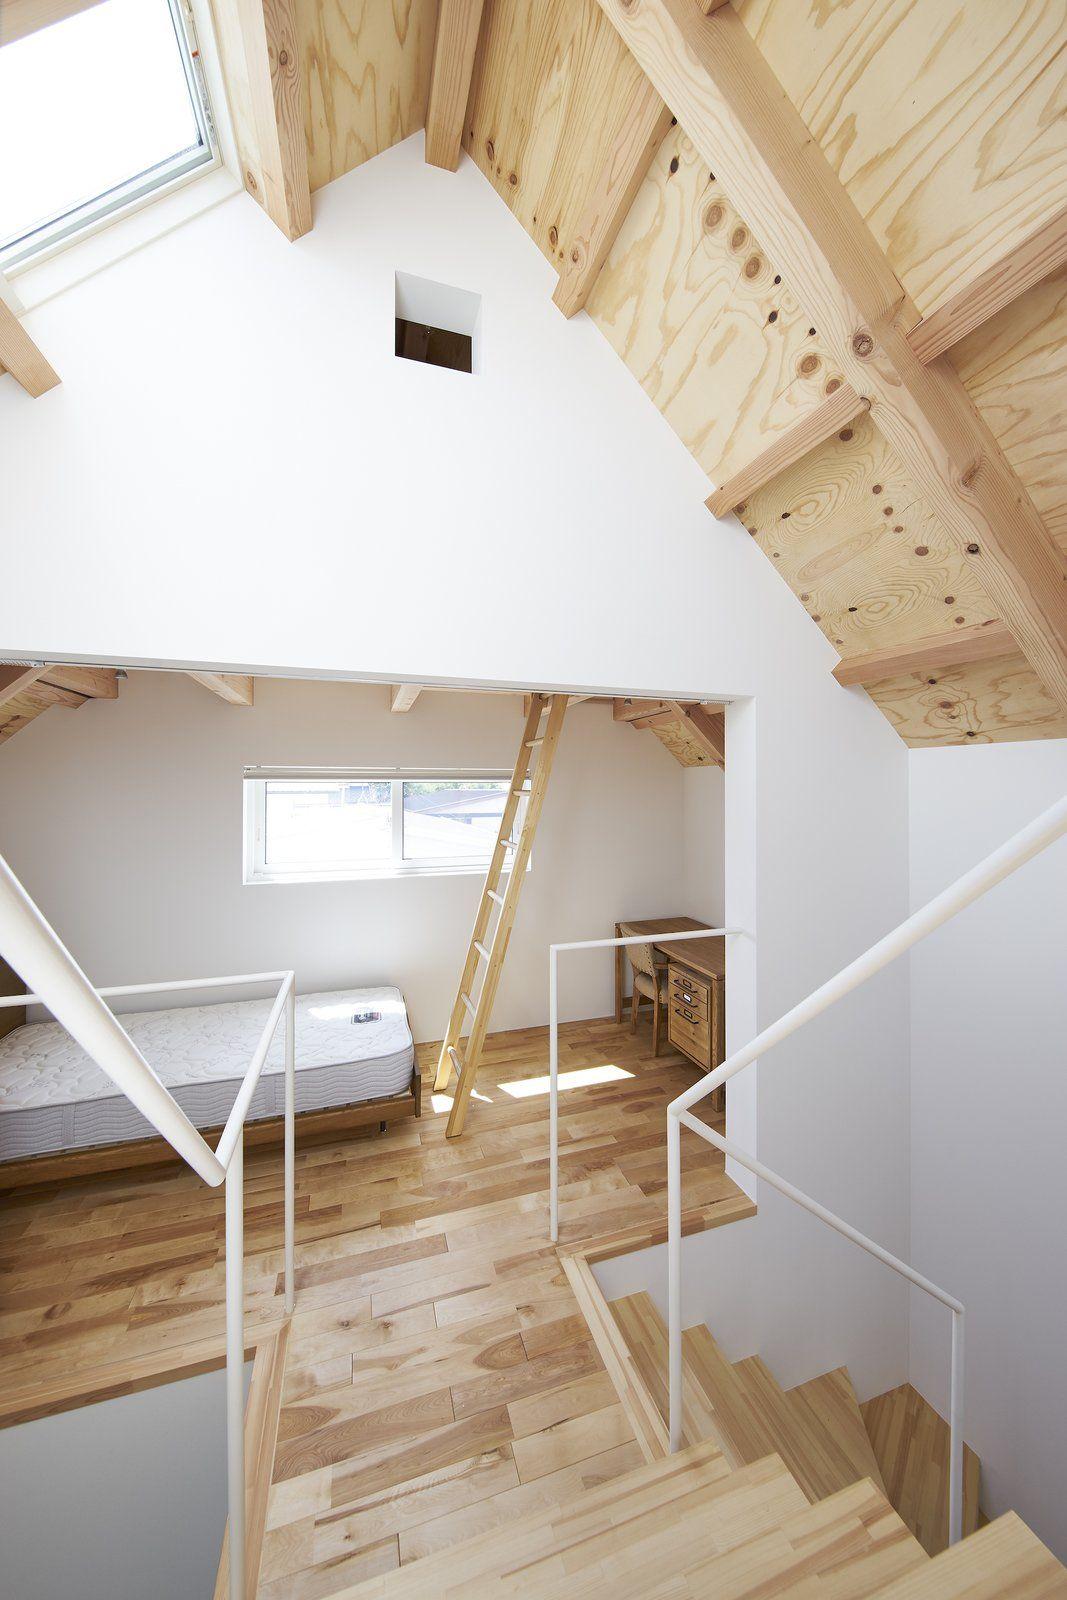 House in Suwamachi by Kazuya Saito Architects | Architects, Japan ...